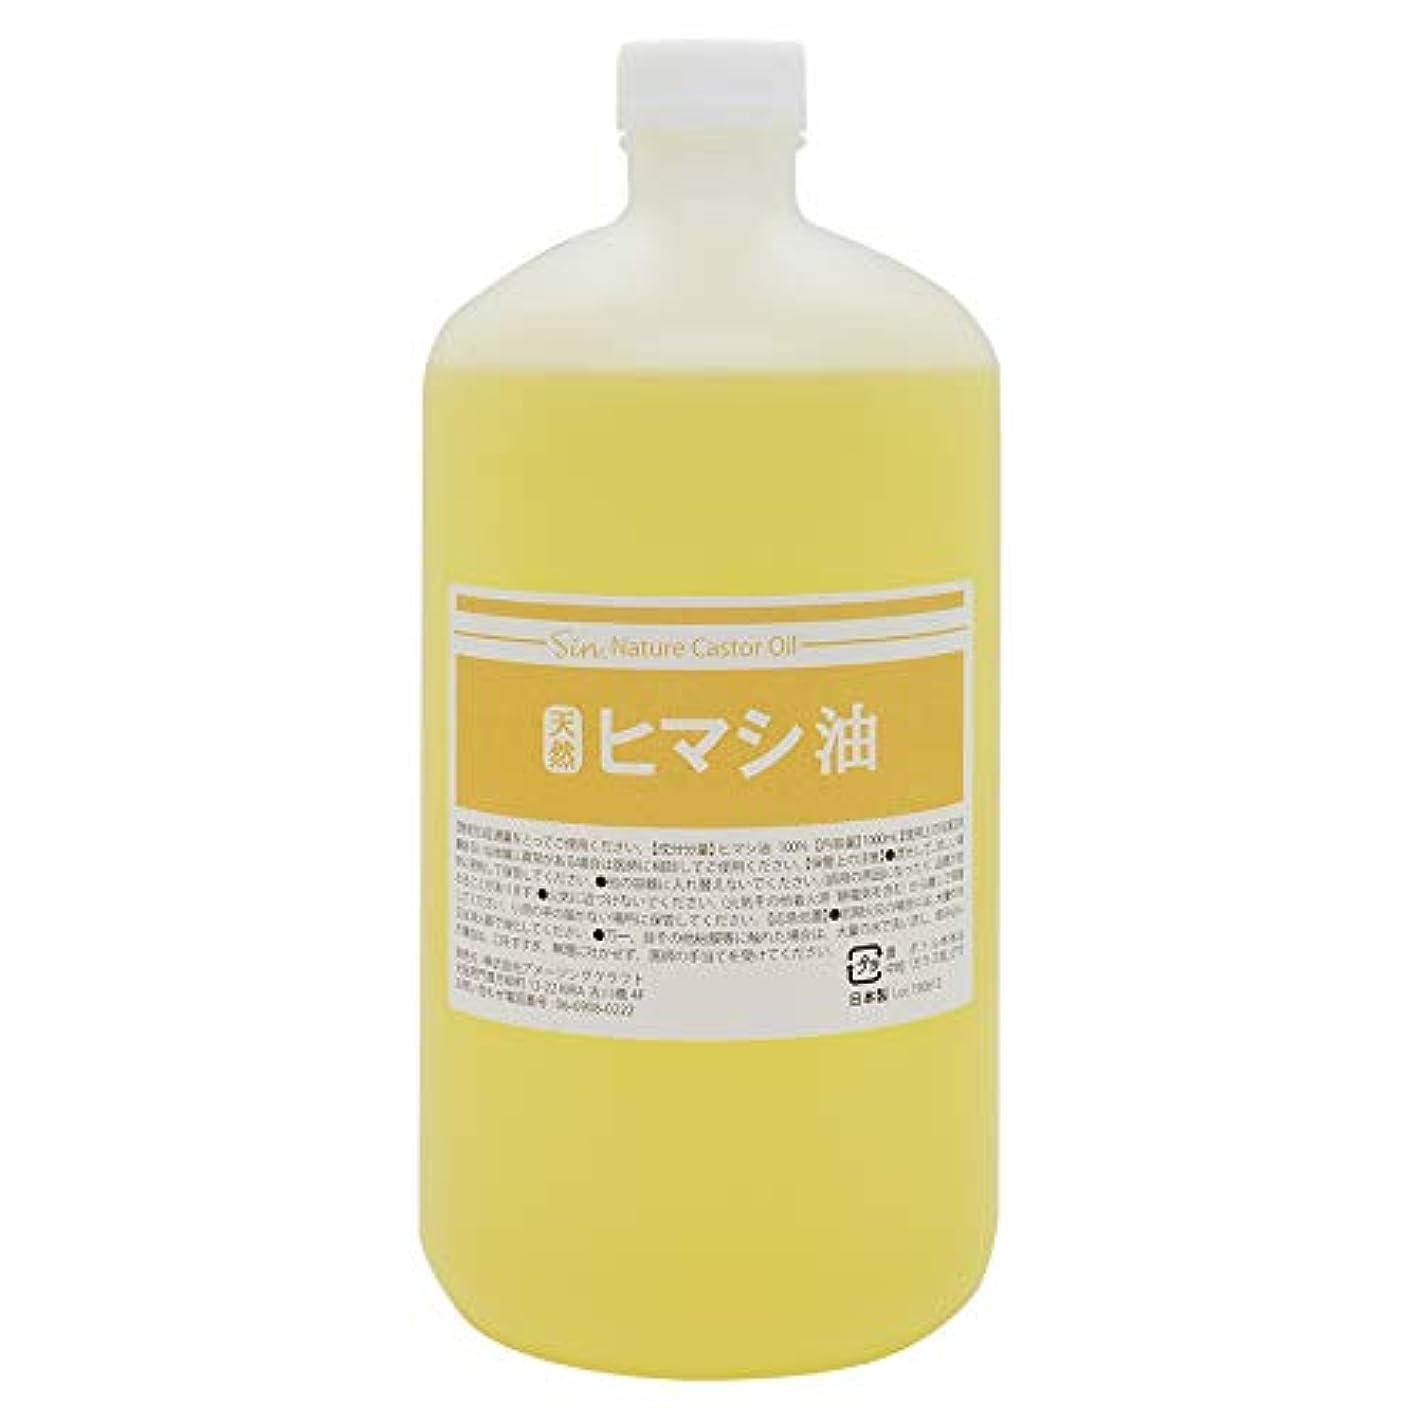 ばか素晴らしいです心配する天然無添加 国内精製 ひまし油 1000ml (ヒマシ油 キャスターオイル)